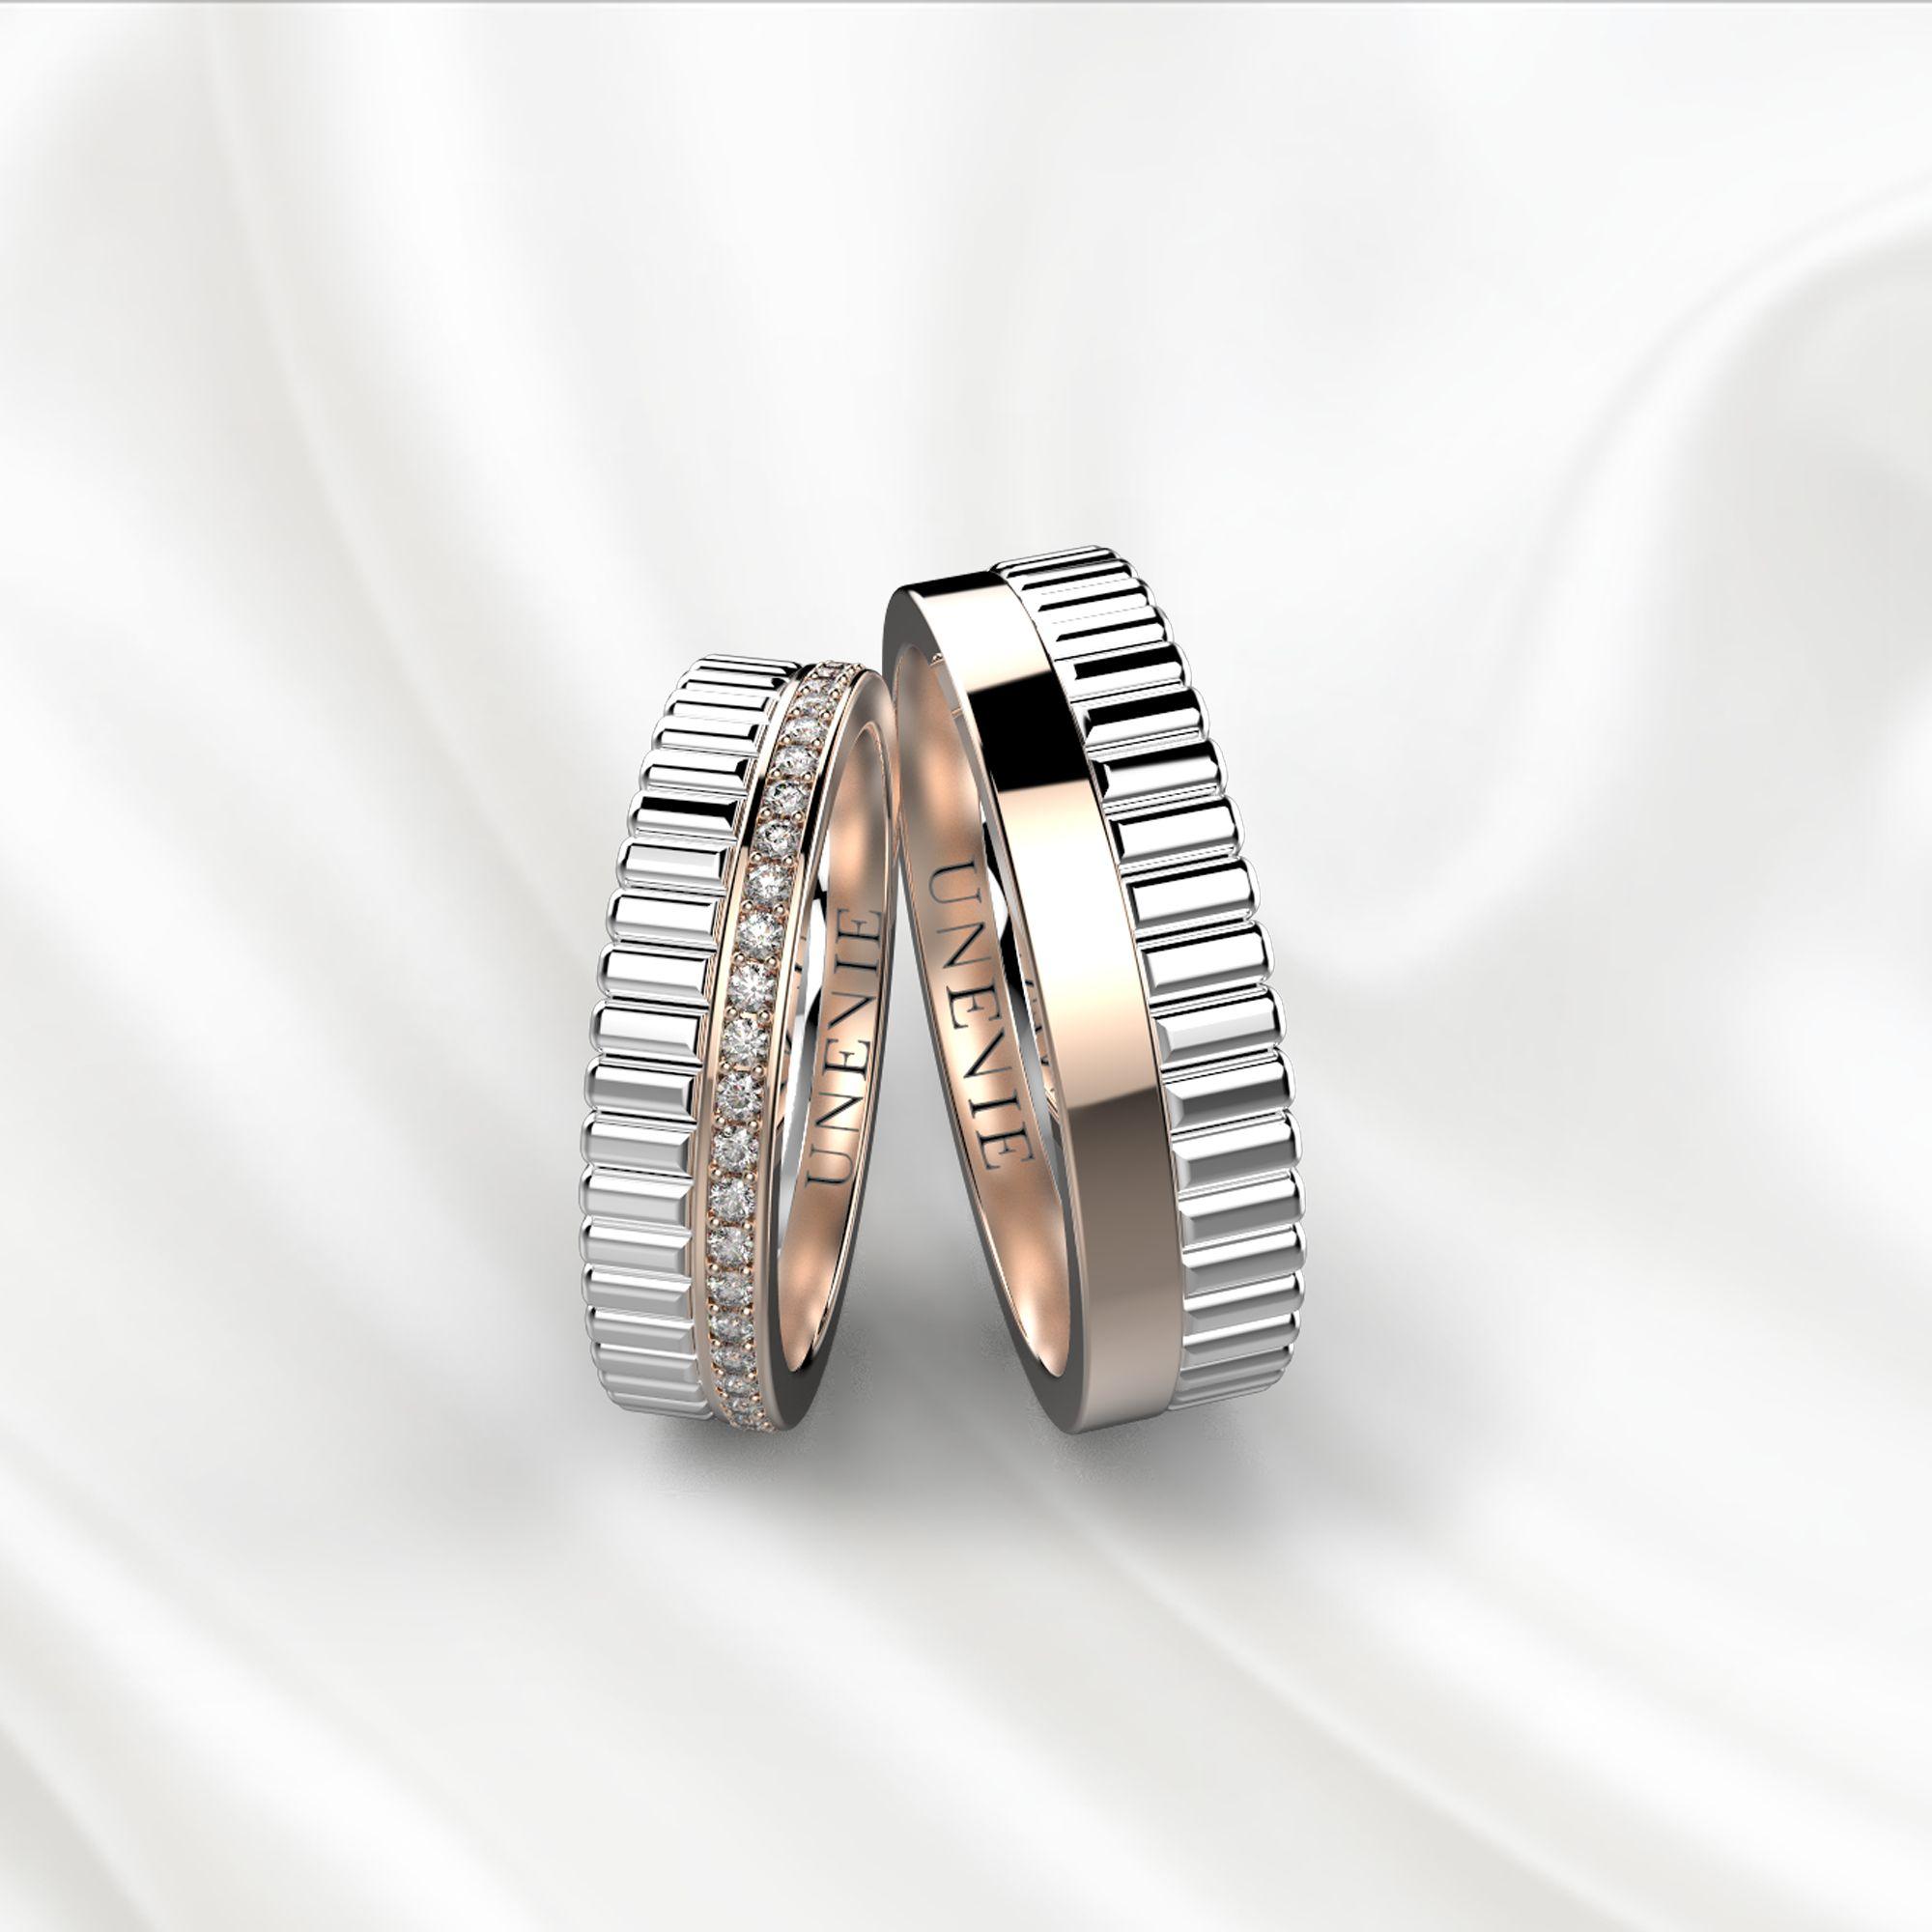 NV24 Обручальные кольца из бело-розового золота с бриллиантами